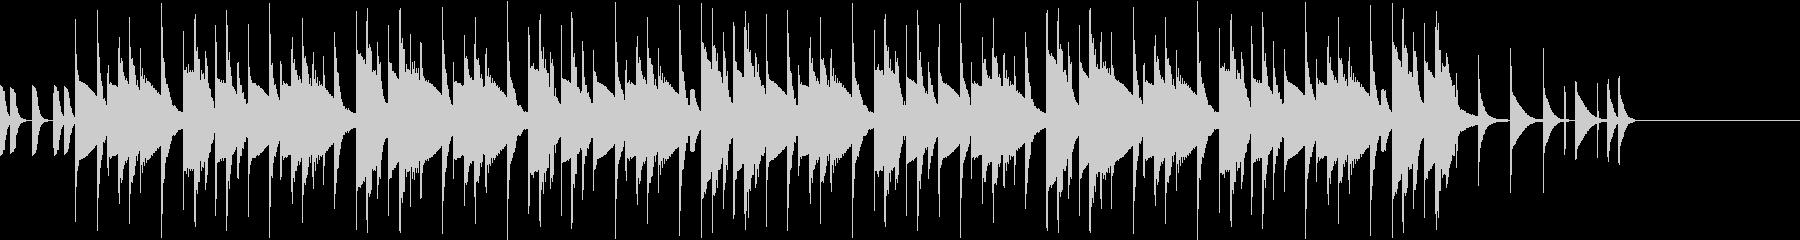 リズムボックスのテクノポップ ジングル2の未再生の波形